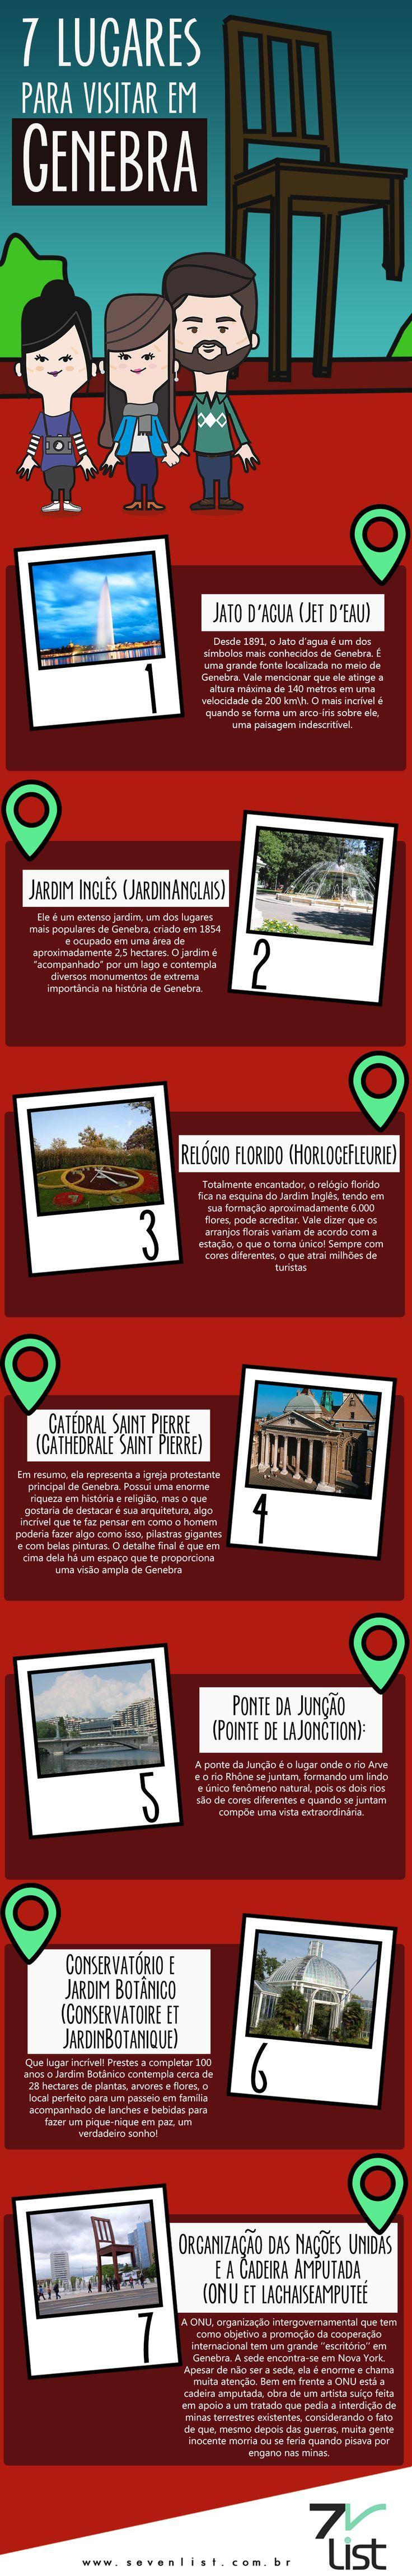 7 lugares para visitar em Genebra